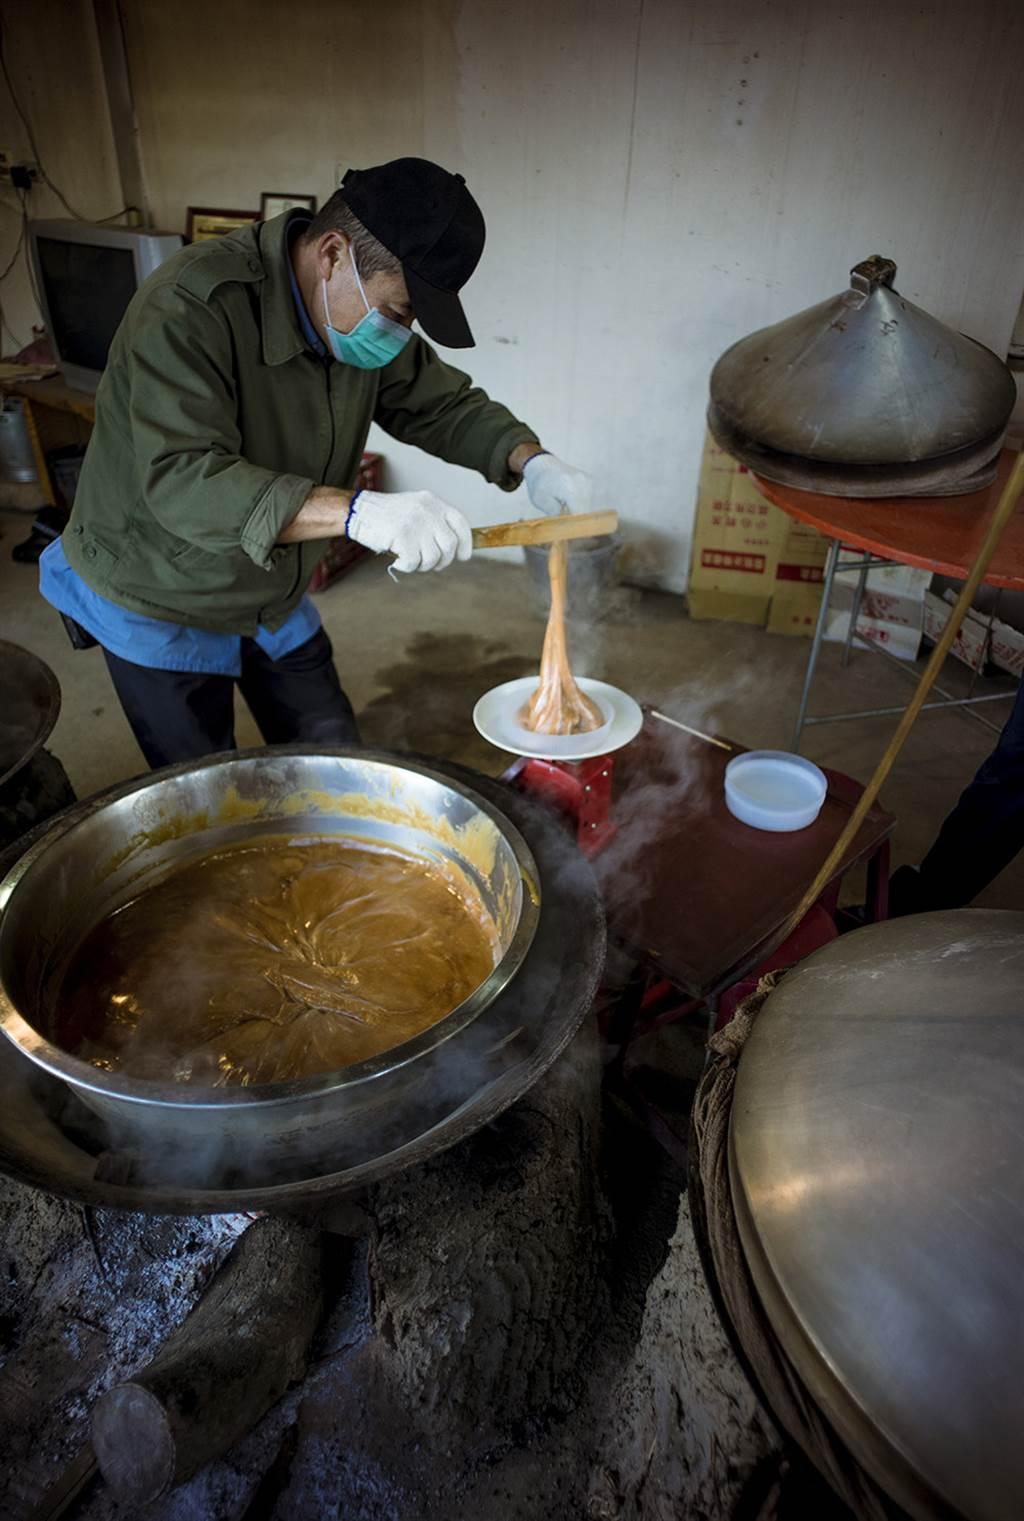 剛起鍋的琥珀色年糕,如麥芽糖一般黏稠。(照片提供/滿金商行)